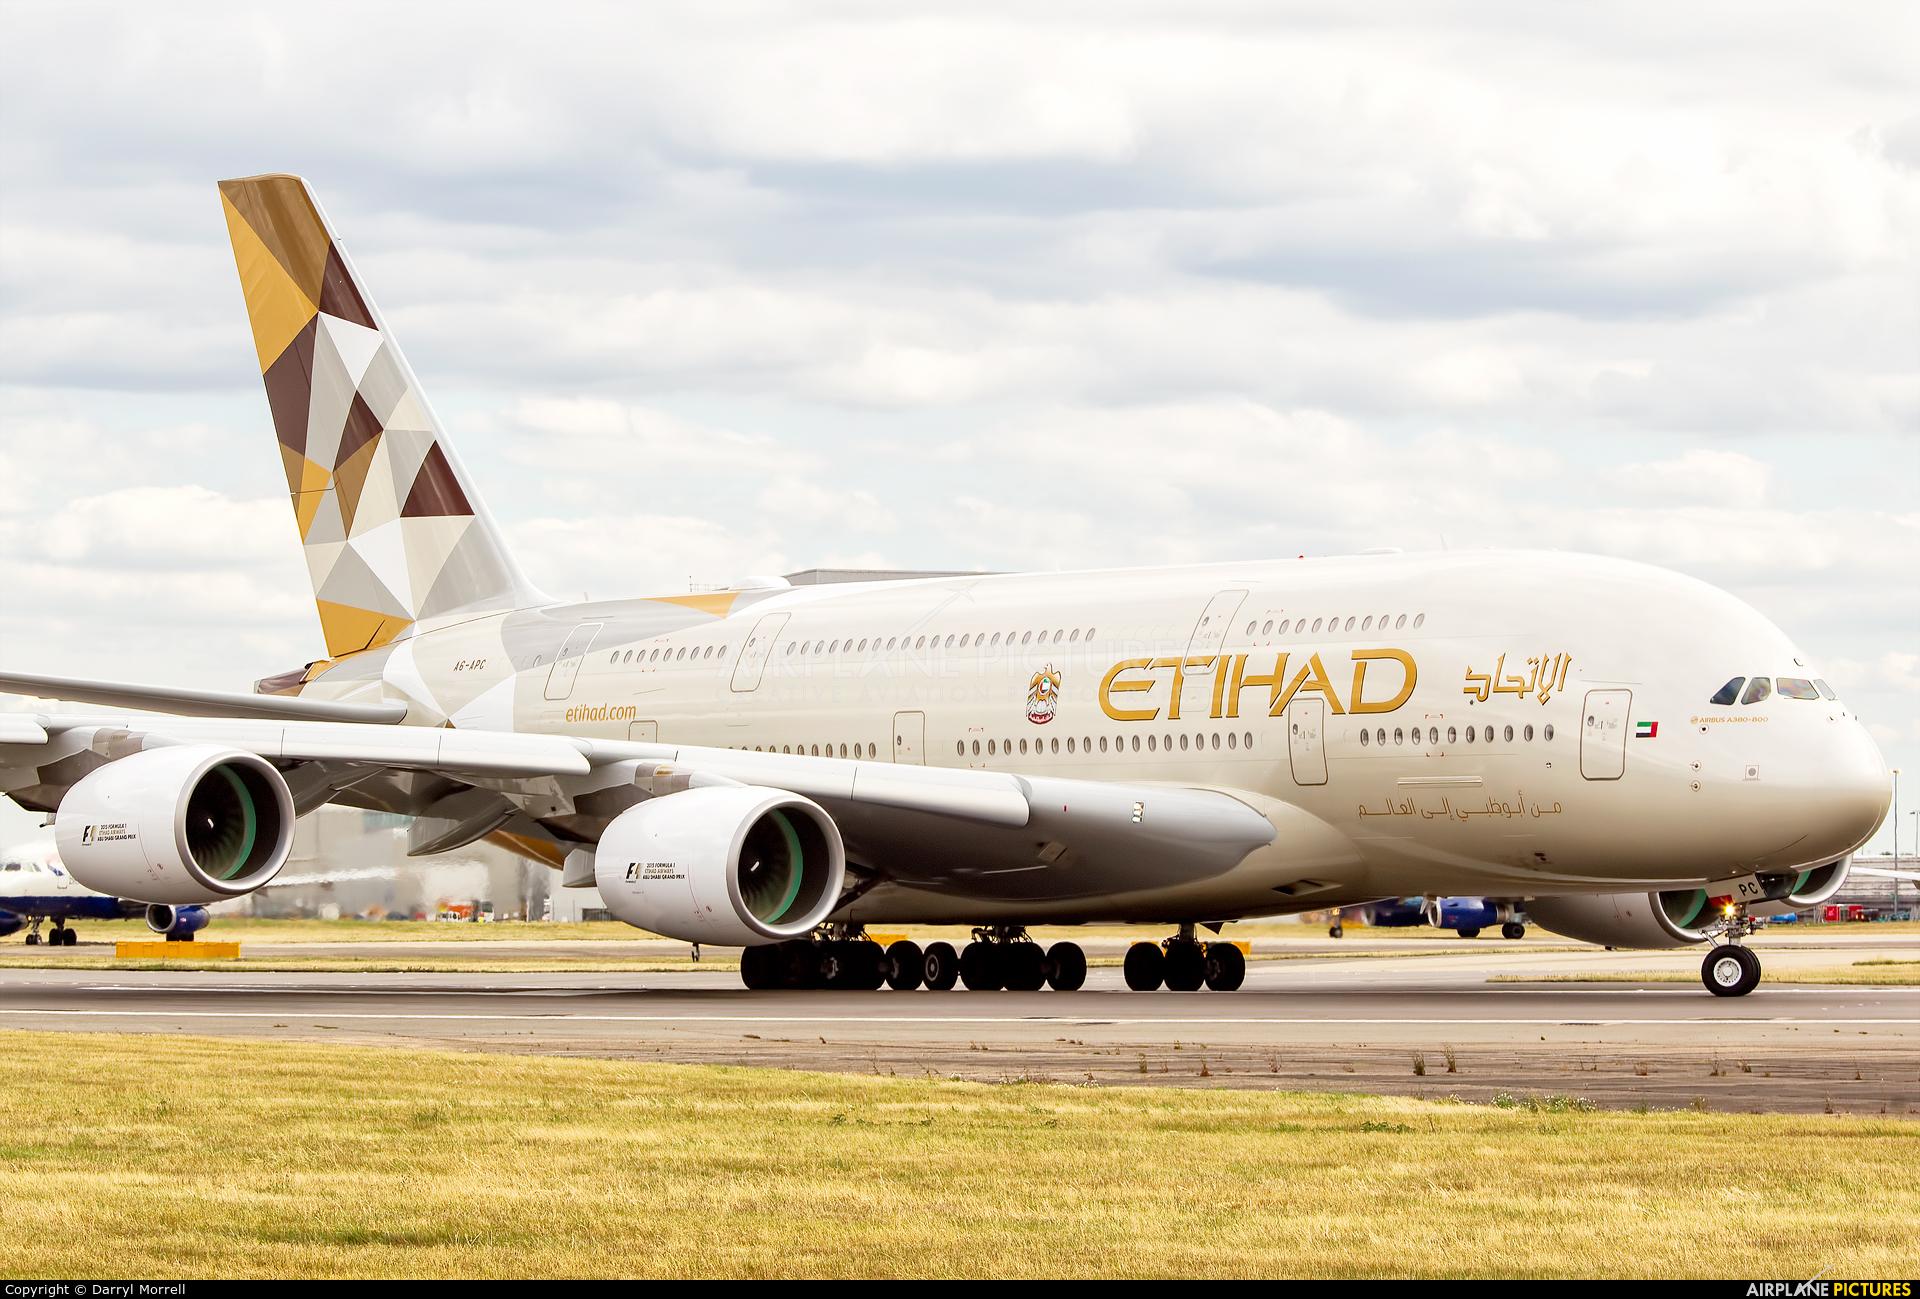 A6-APC - Etihad Airways Airbus A380 at London - Heathrow